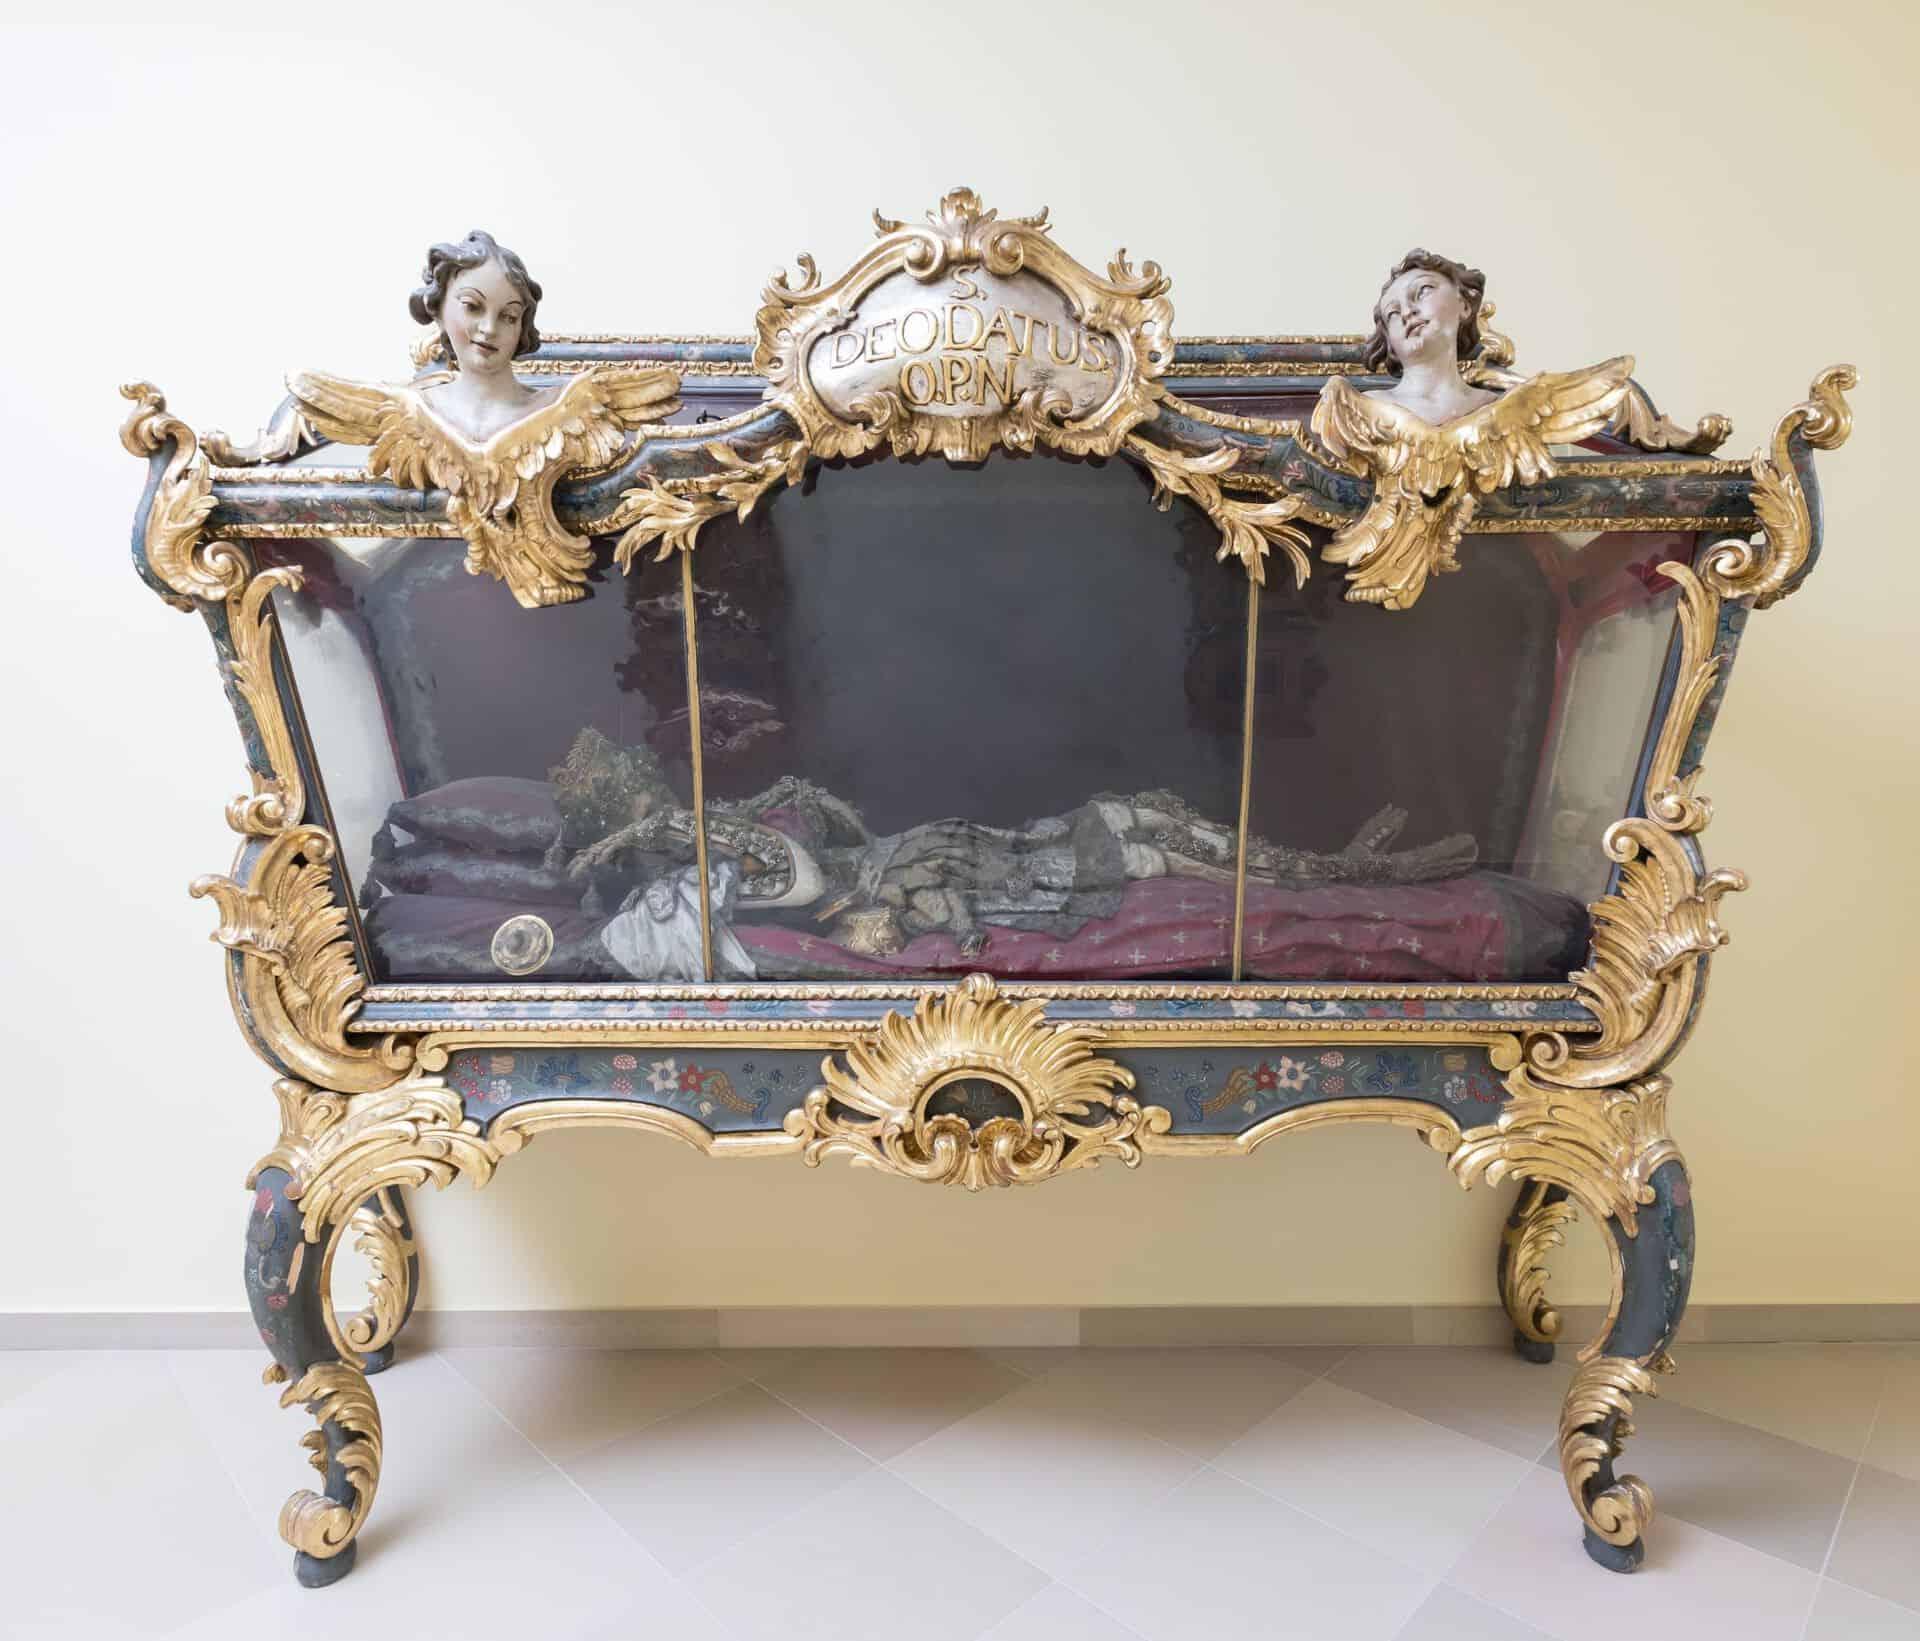 Reliquie des Hl. Deodatus bei den Elisabethinen Linz